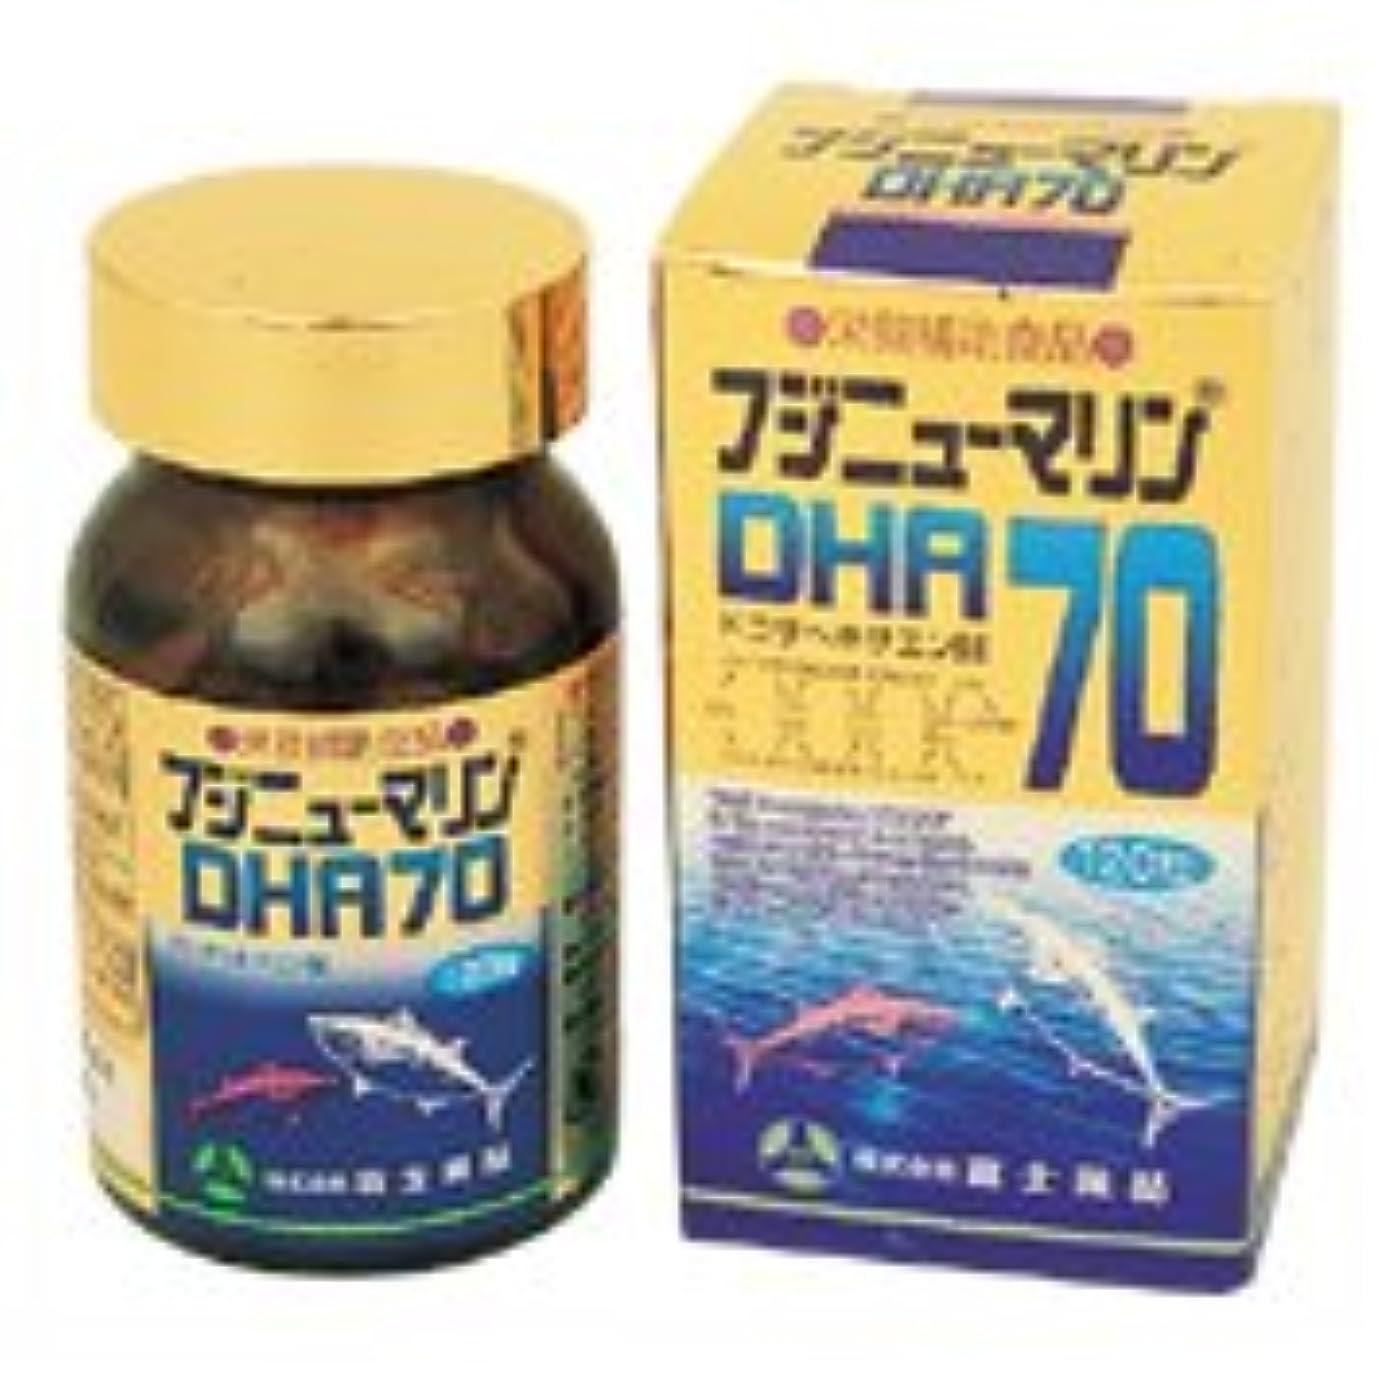 廃止故意の重荷富士薬品 DHA含有量70% フジニューマリンDHA70 120粒入り